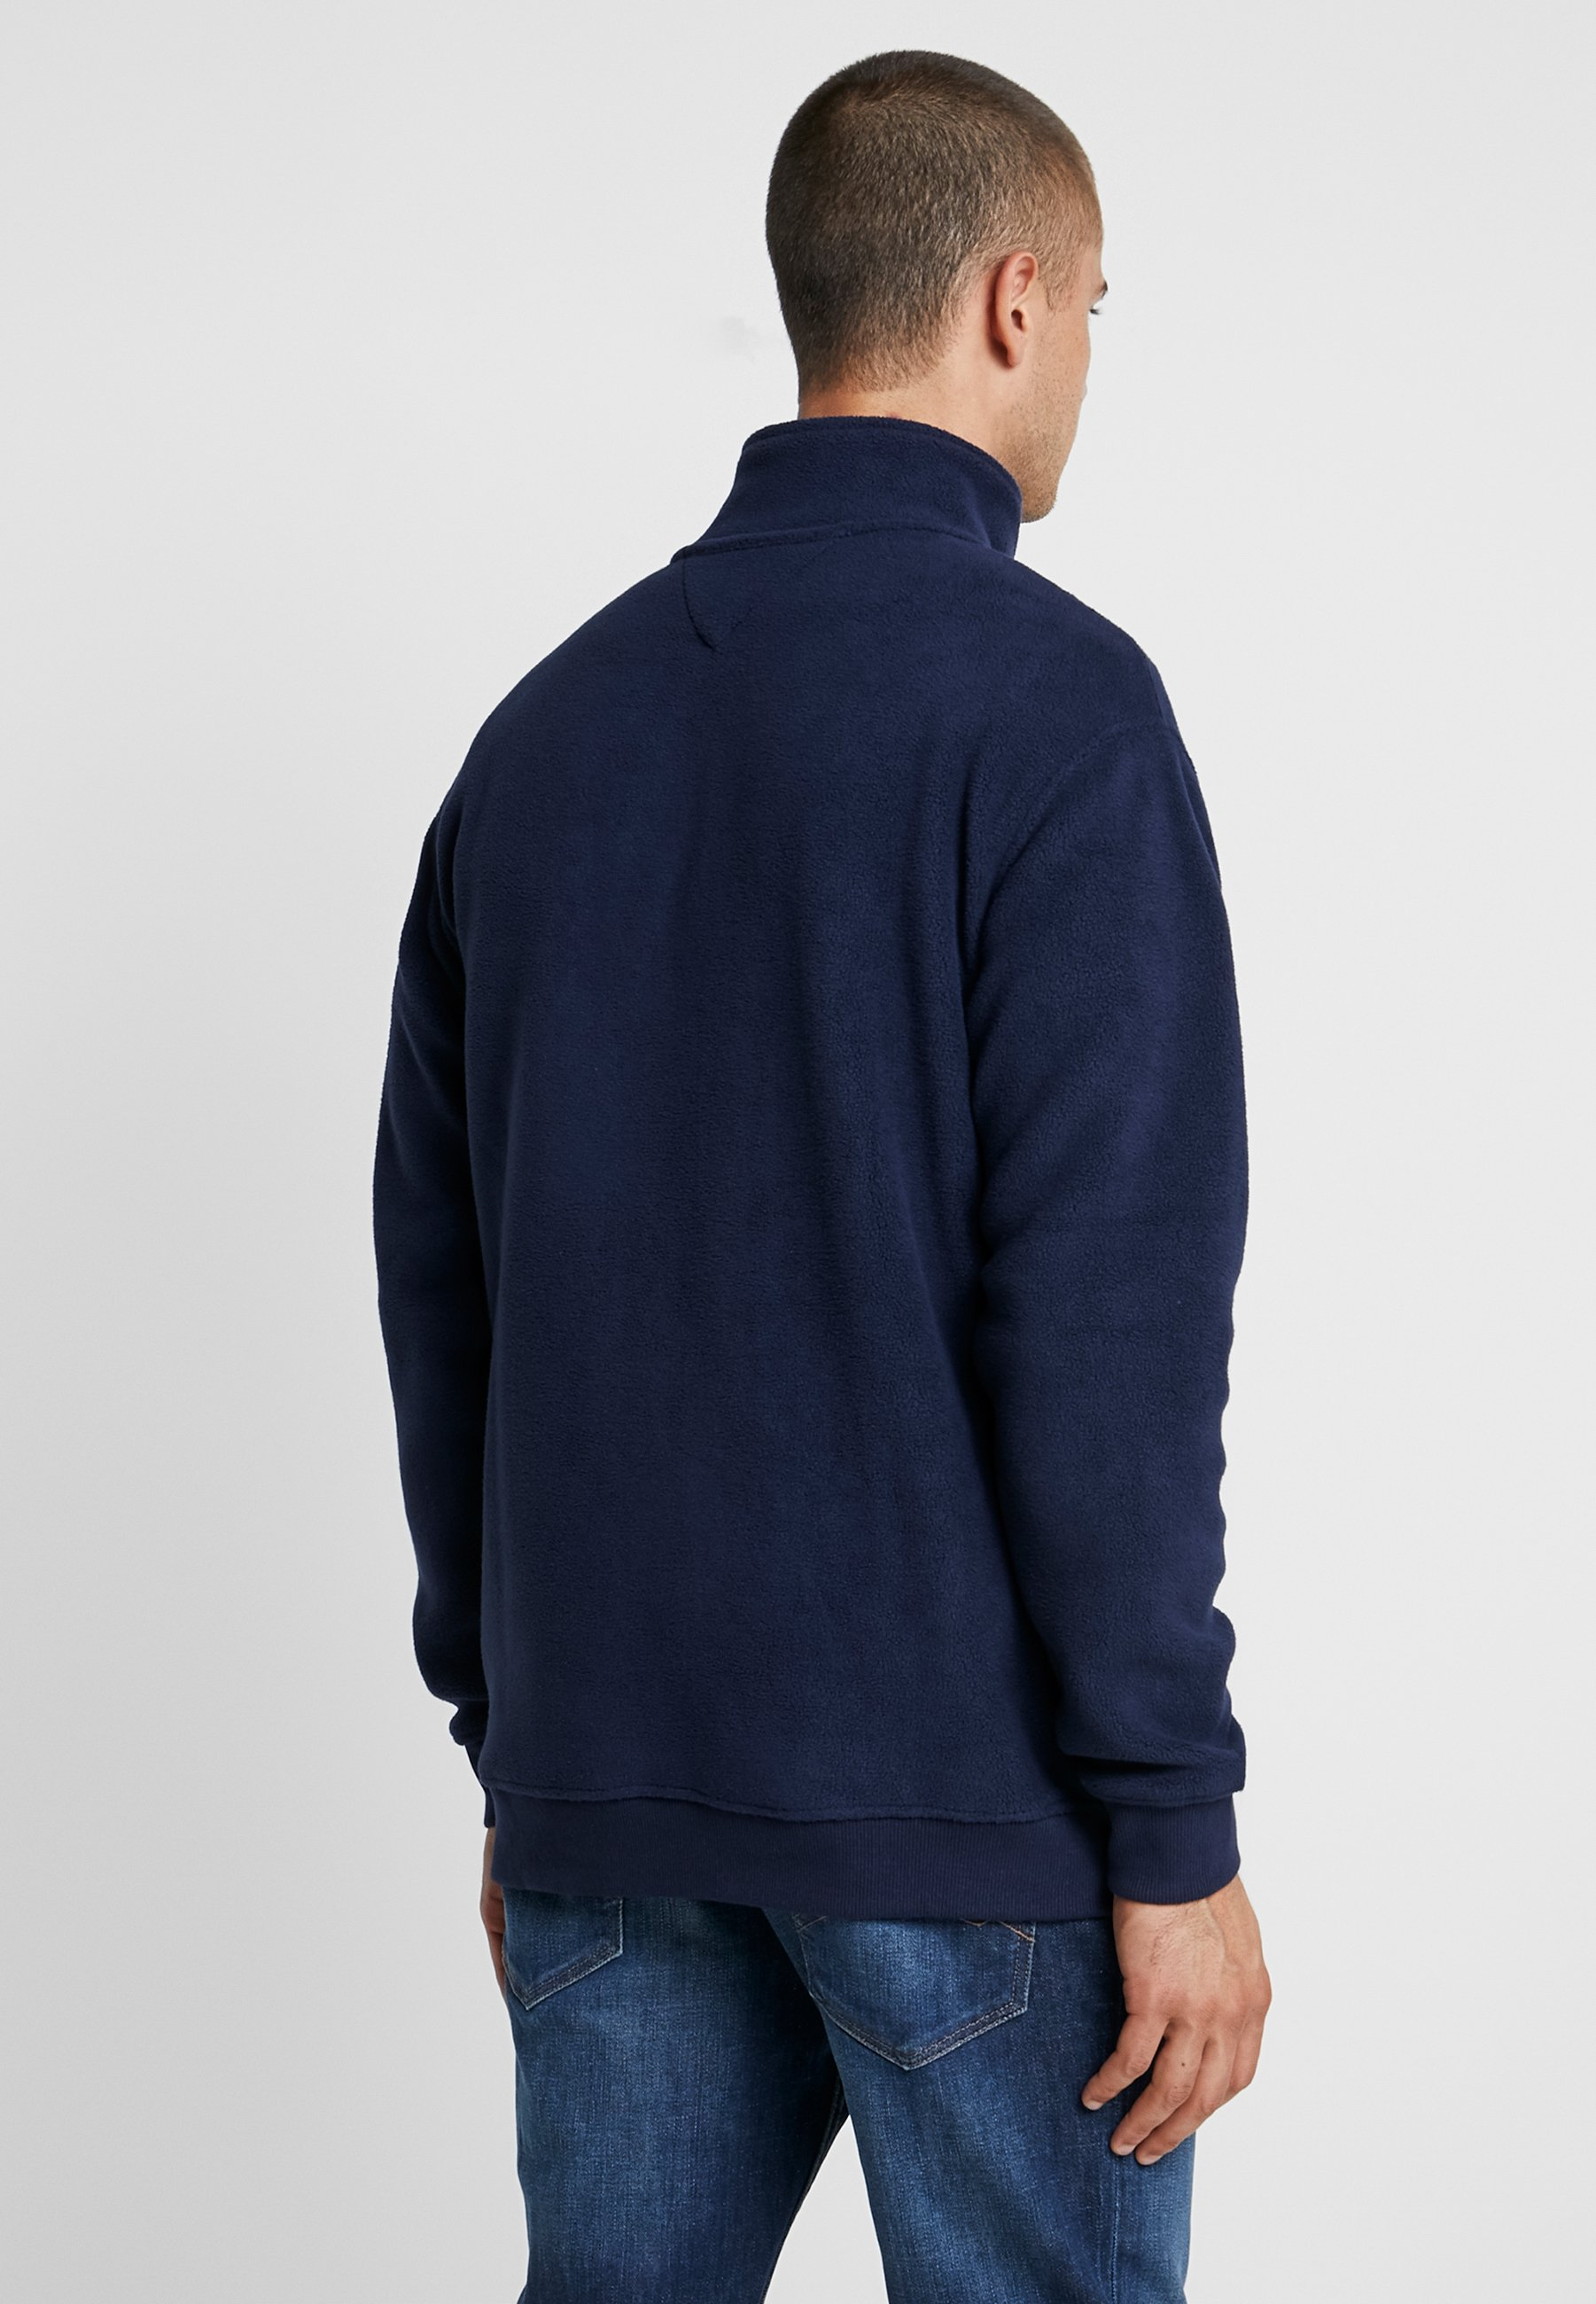 Mock Jeans Polar Dark NeckSweat Tommy Blue Polaire nwPkNZ0OX8